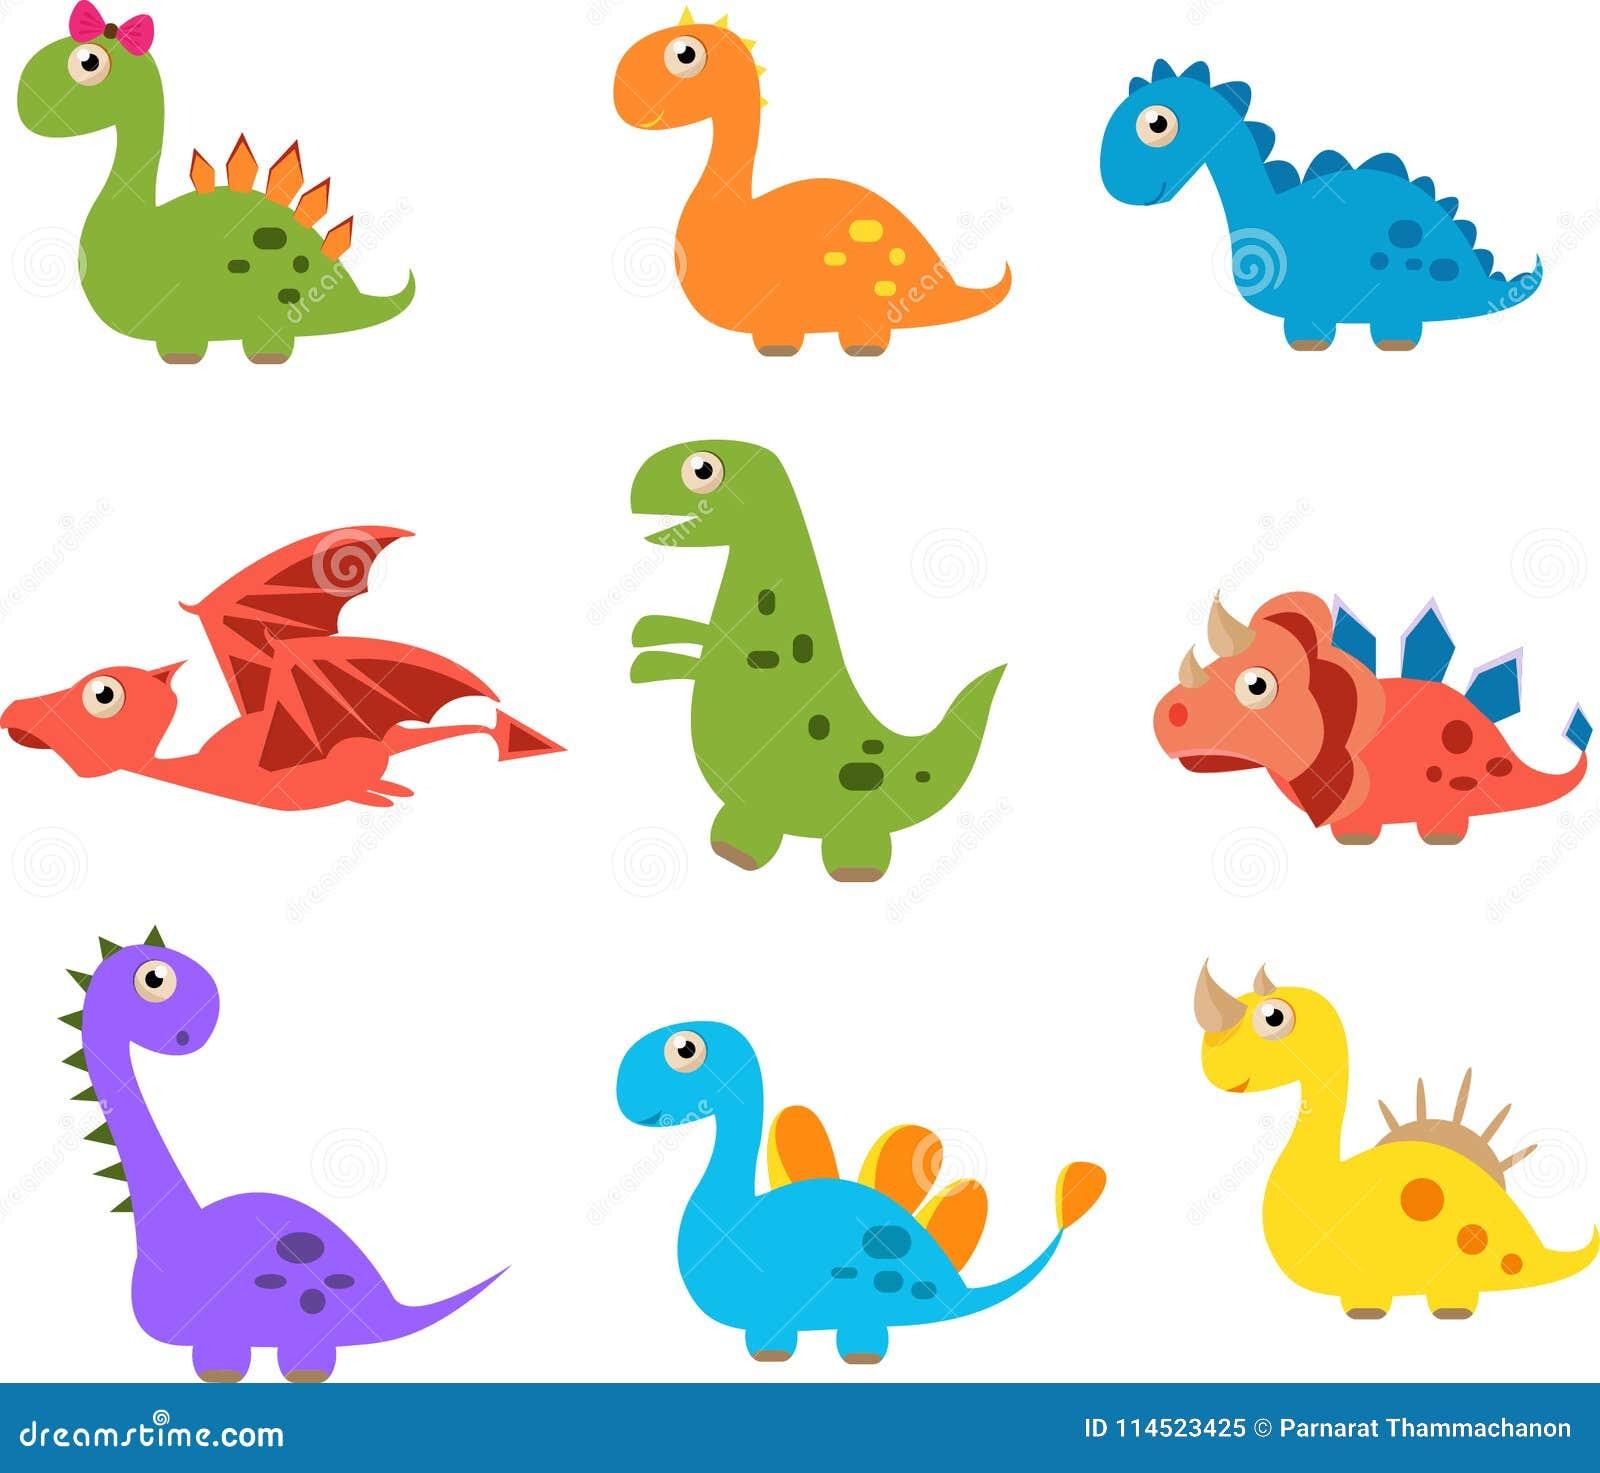 Dinosaurios Lindos Aislados En El Fondo Blanco Stock De Ilustracion Ilustracion De Lindos Blanco 114523425 Puedes unirte a los tiranosaurios aplastar todo en tu camino a la ciudad. https es dreamstime com dinosaurios lindos aislados en el fondo blanco image114523425